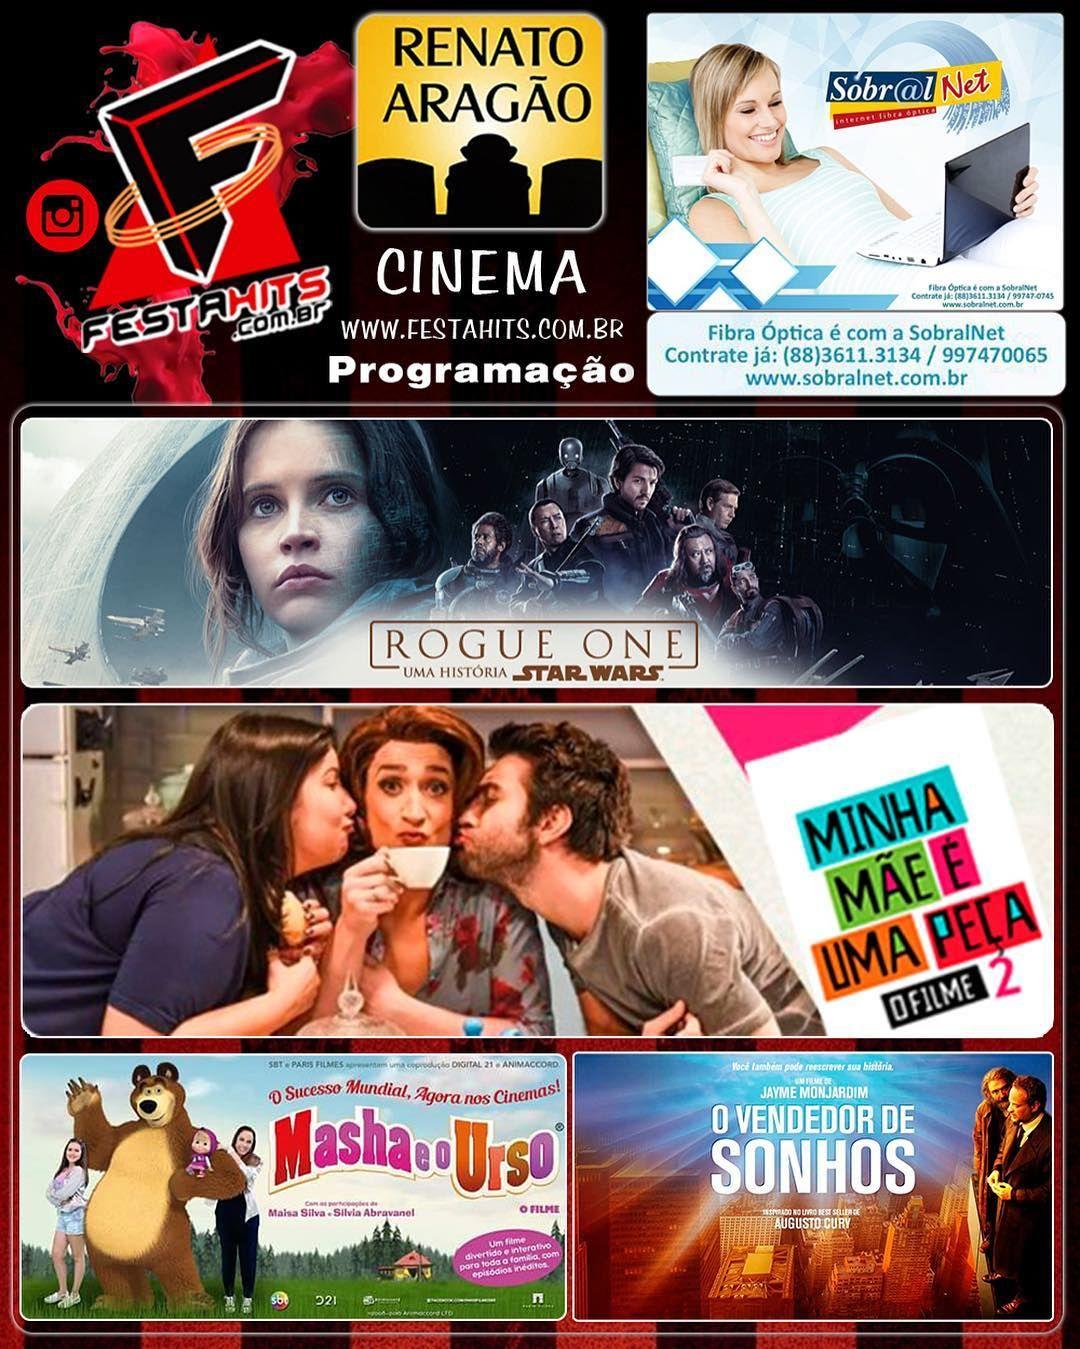 Confiram a Programação do Cine Renato Aragão do dia 21/12 à 28/12/16. A  Programação do Cinema ... | Masha e o urso, Cinema, Star wars